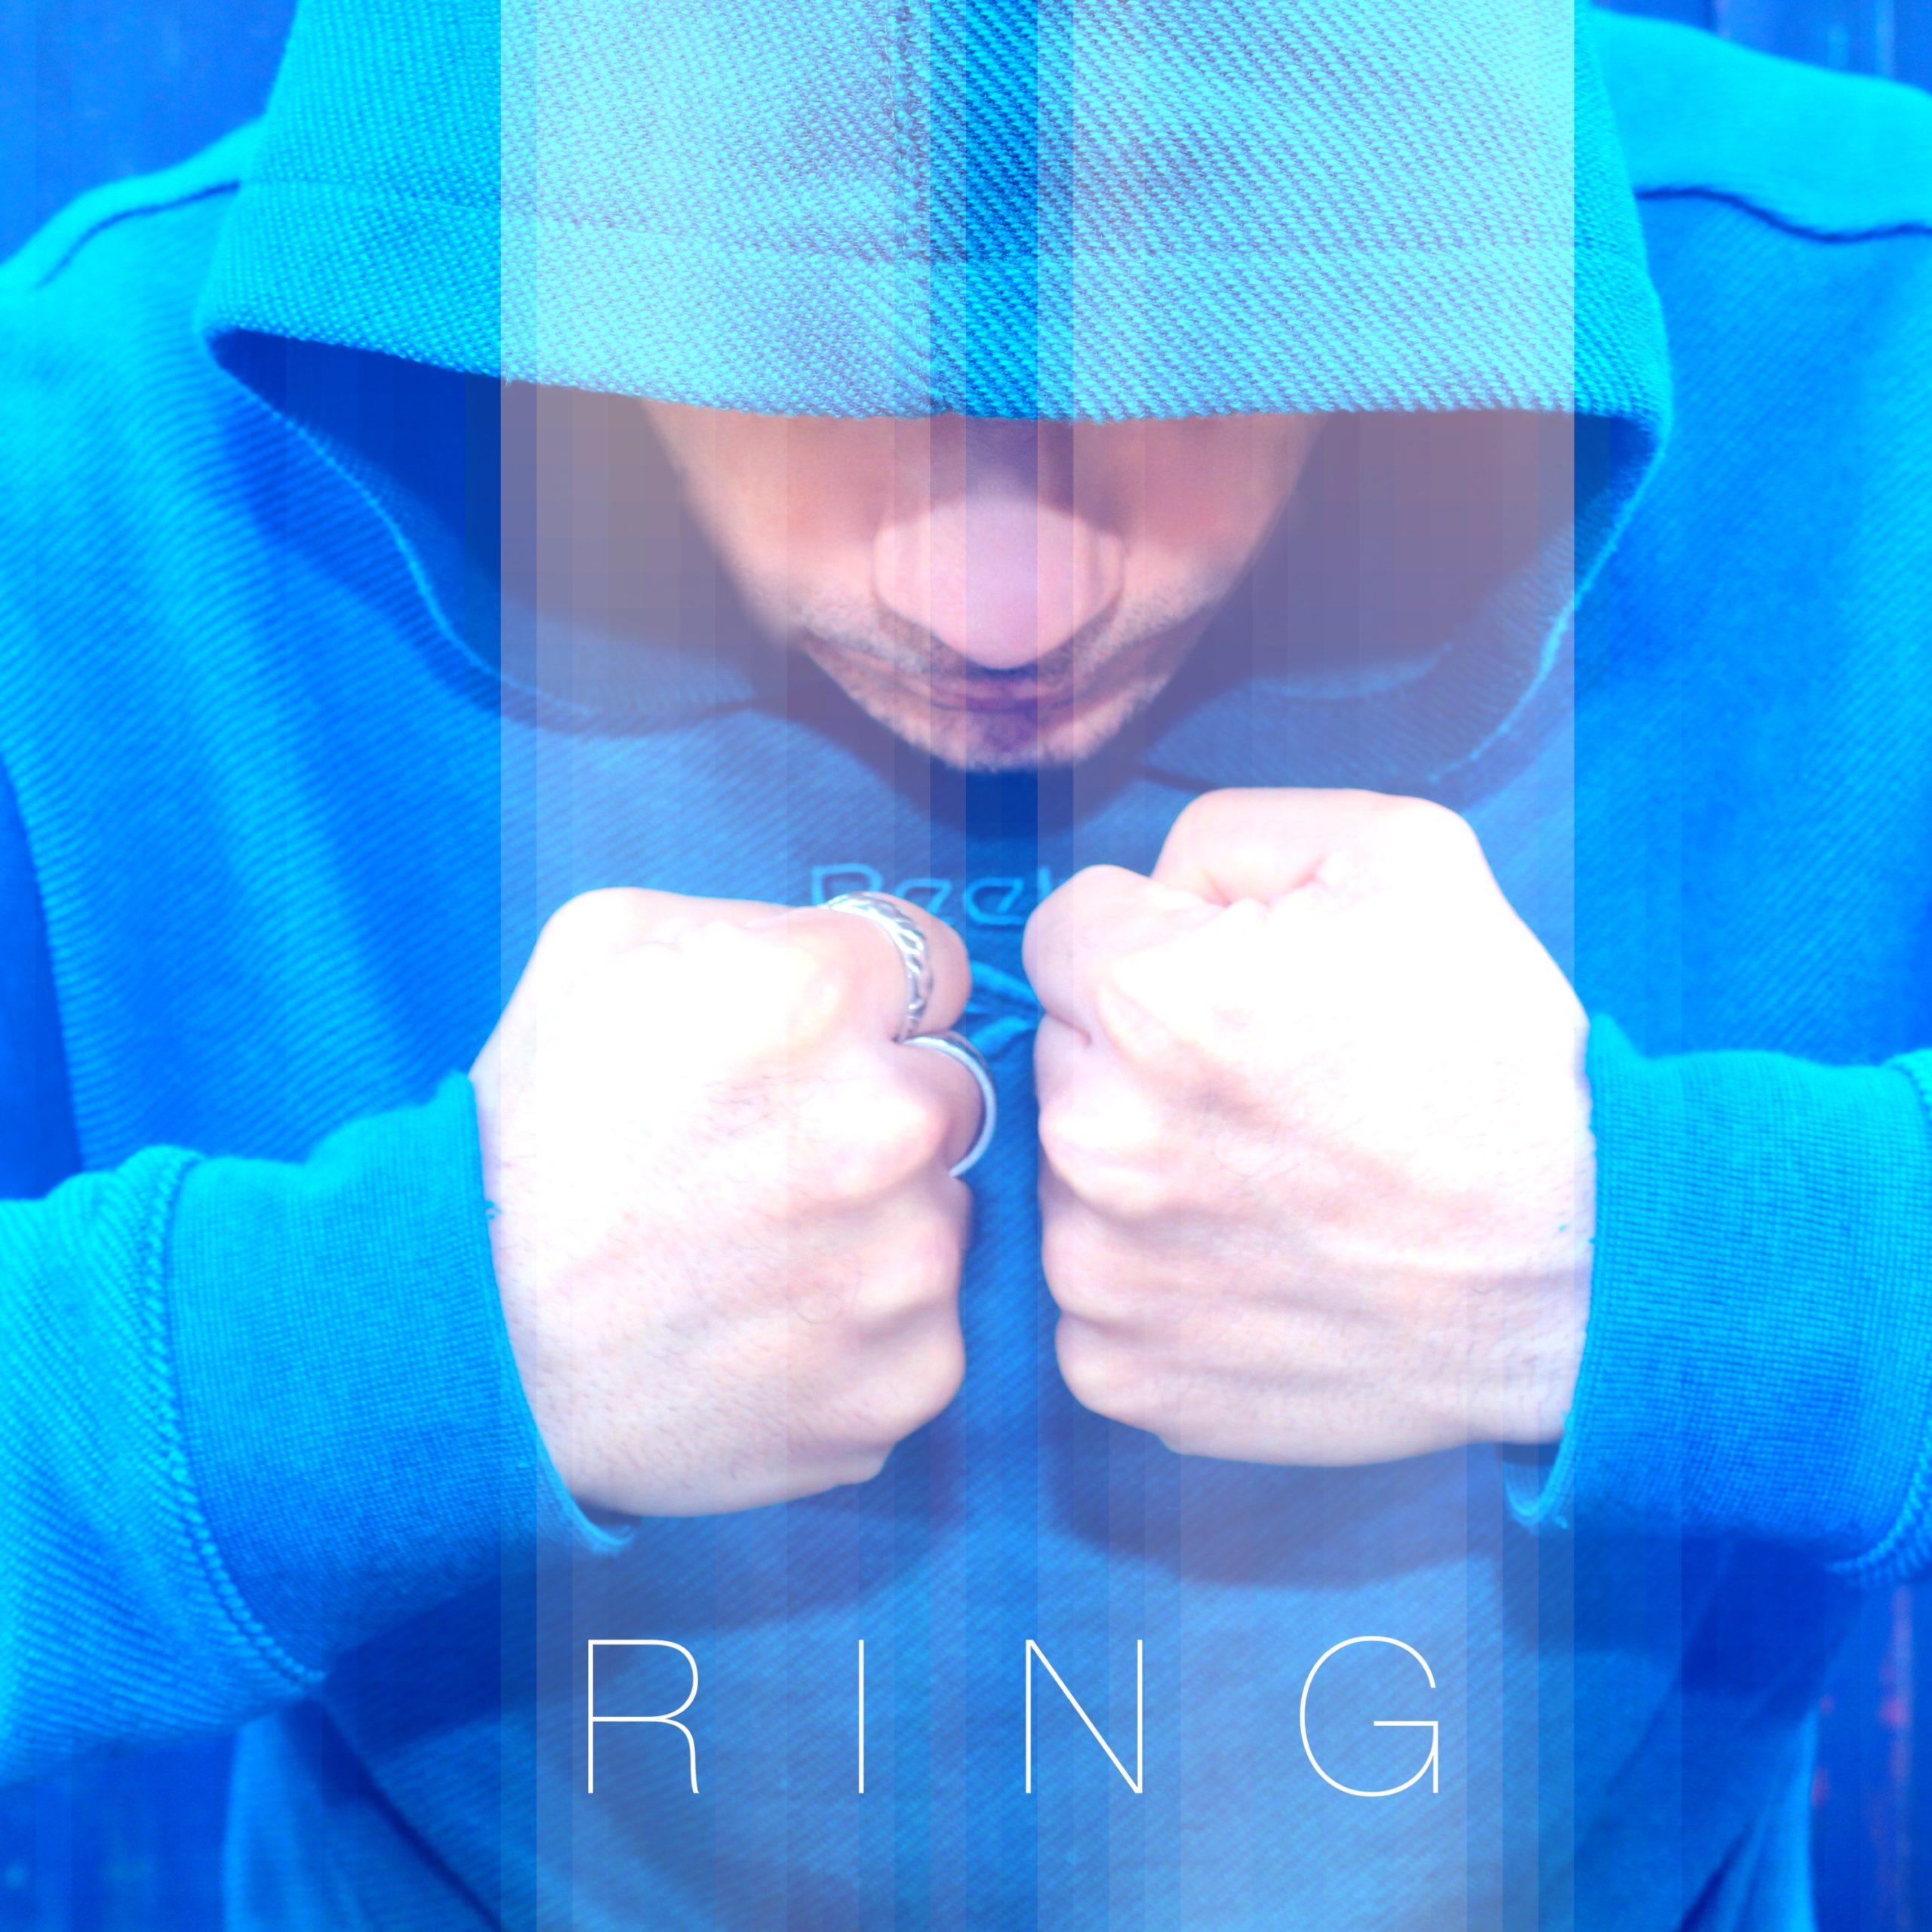 Barange, Ring